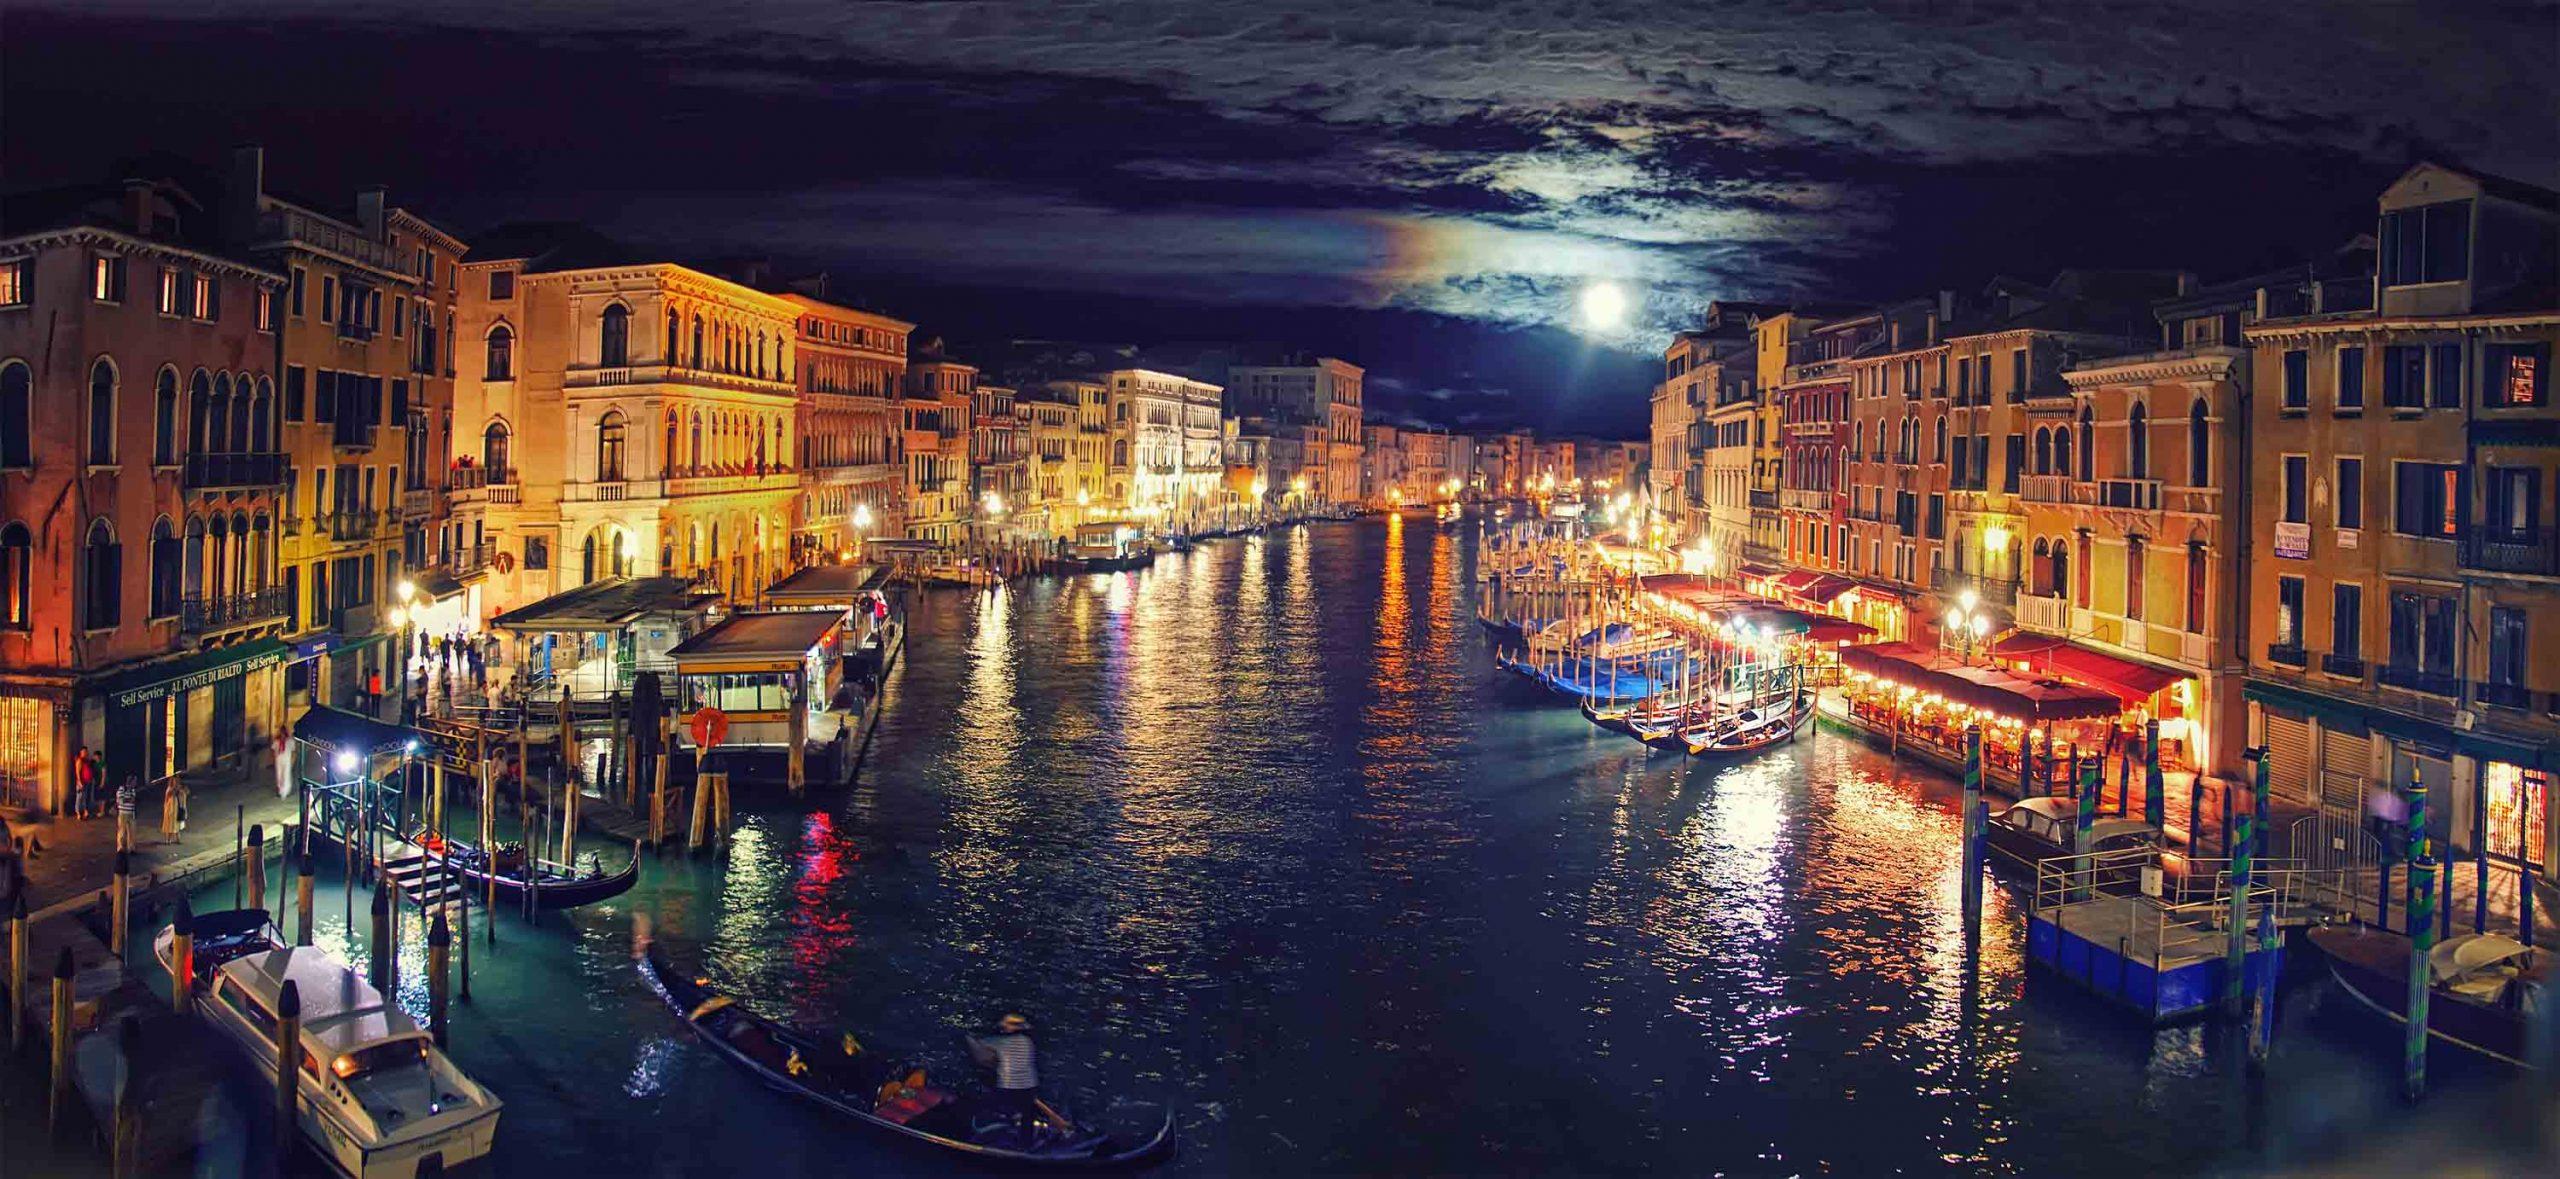 Venecia-1-baja